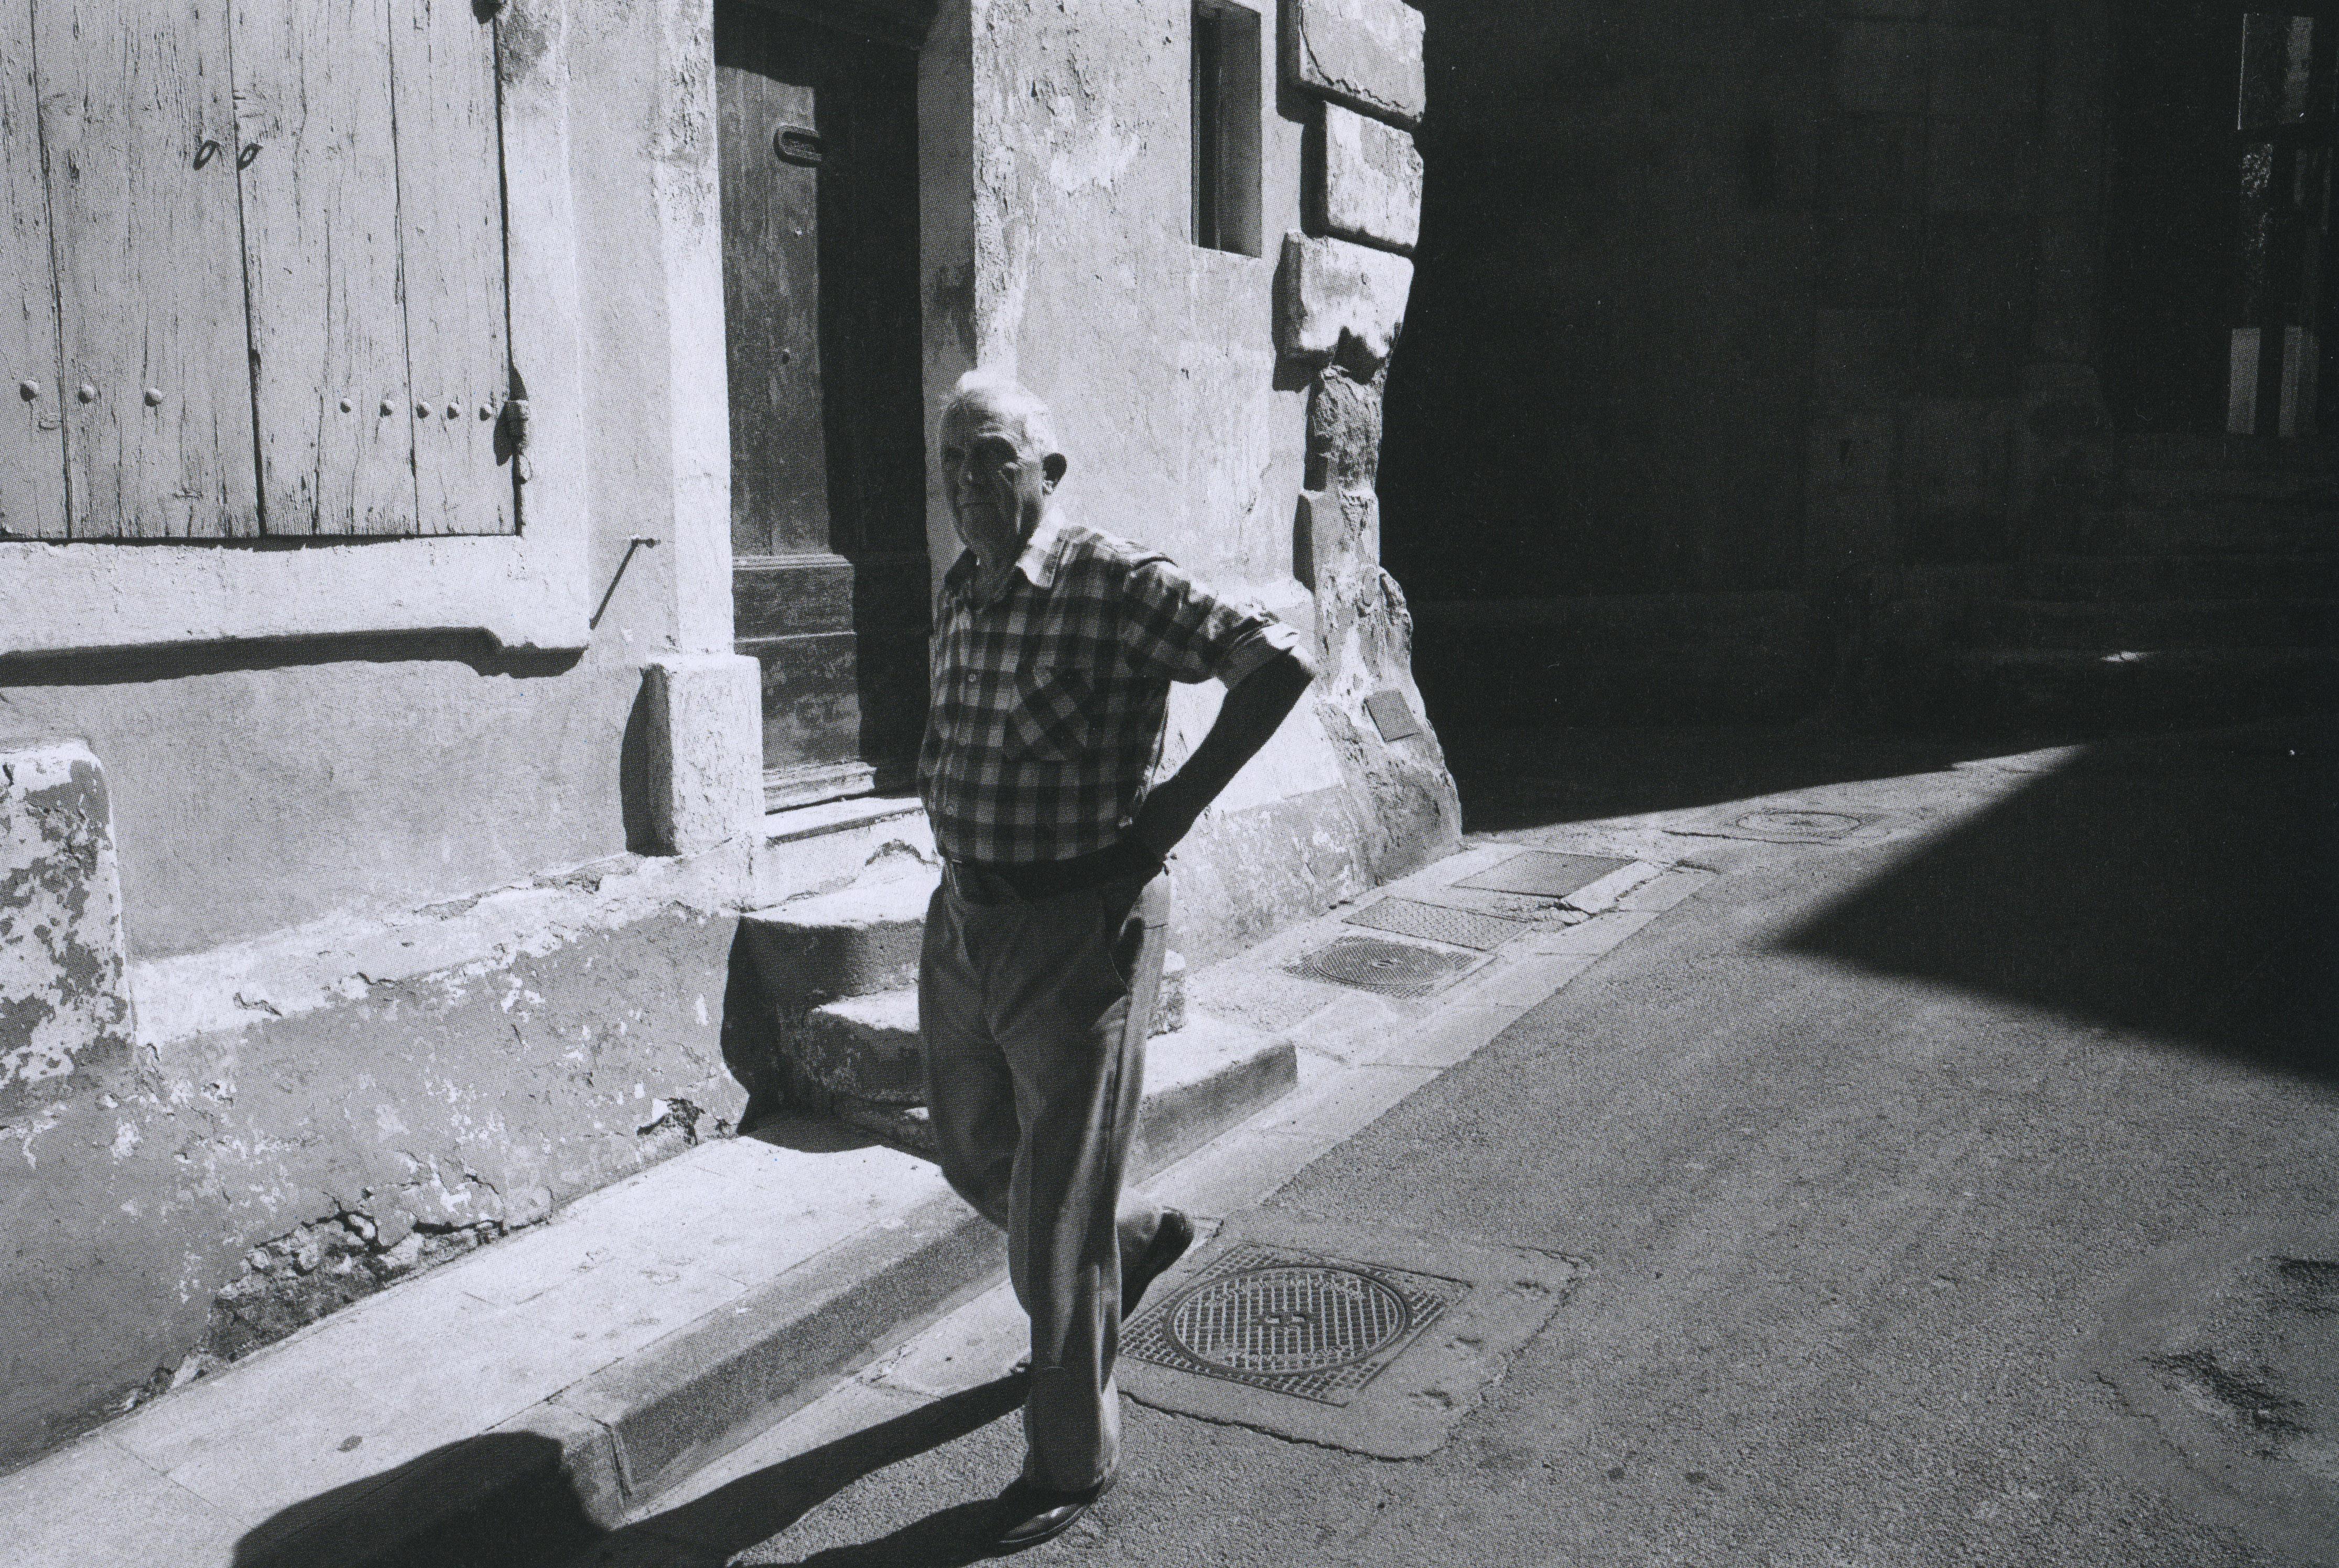 jcbéchet_arles, france, 1987_raymond depardon_p126